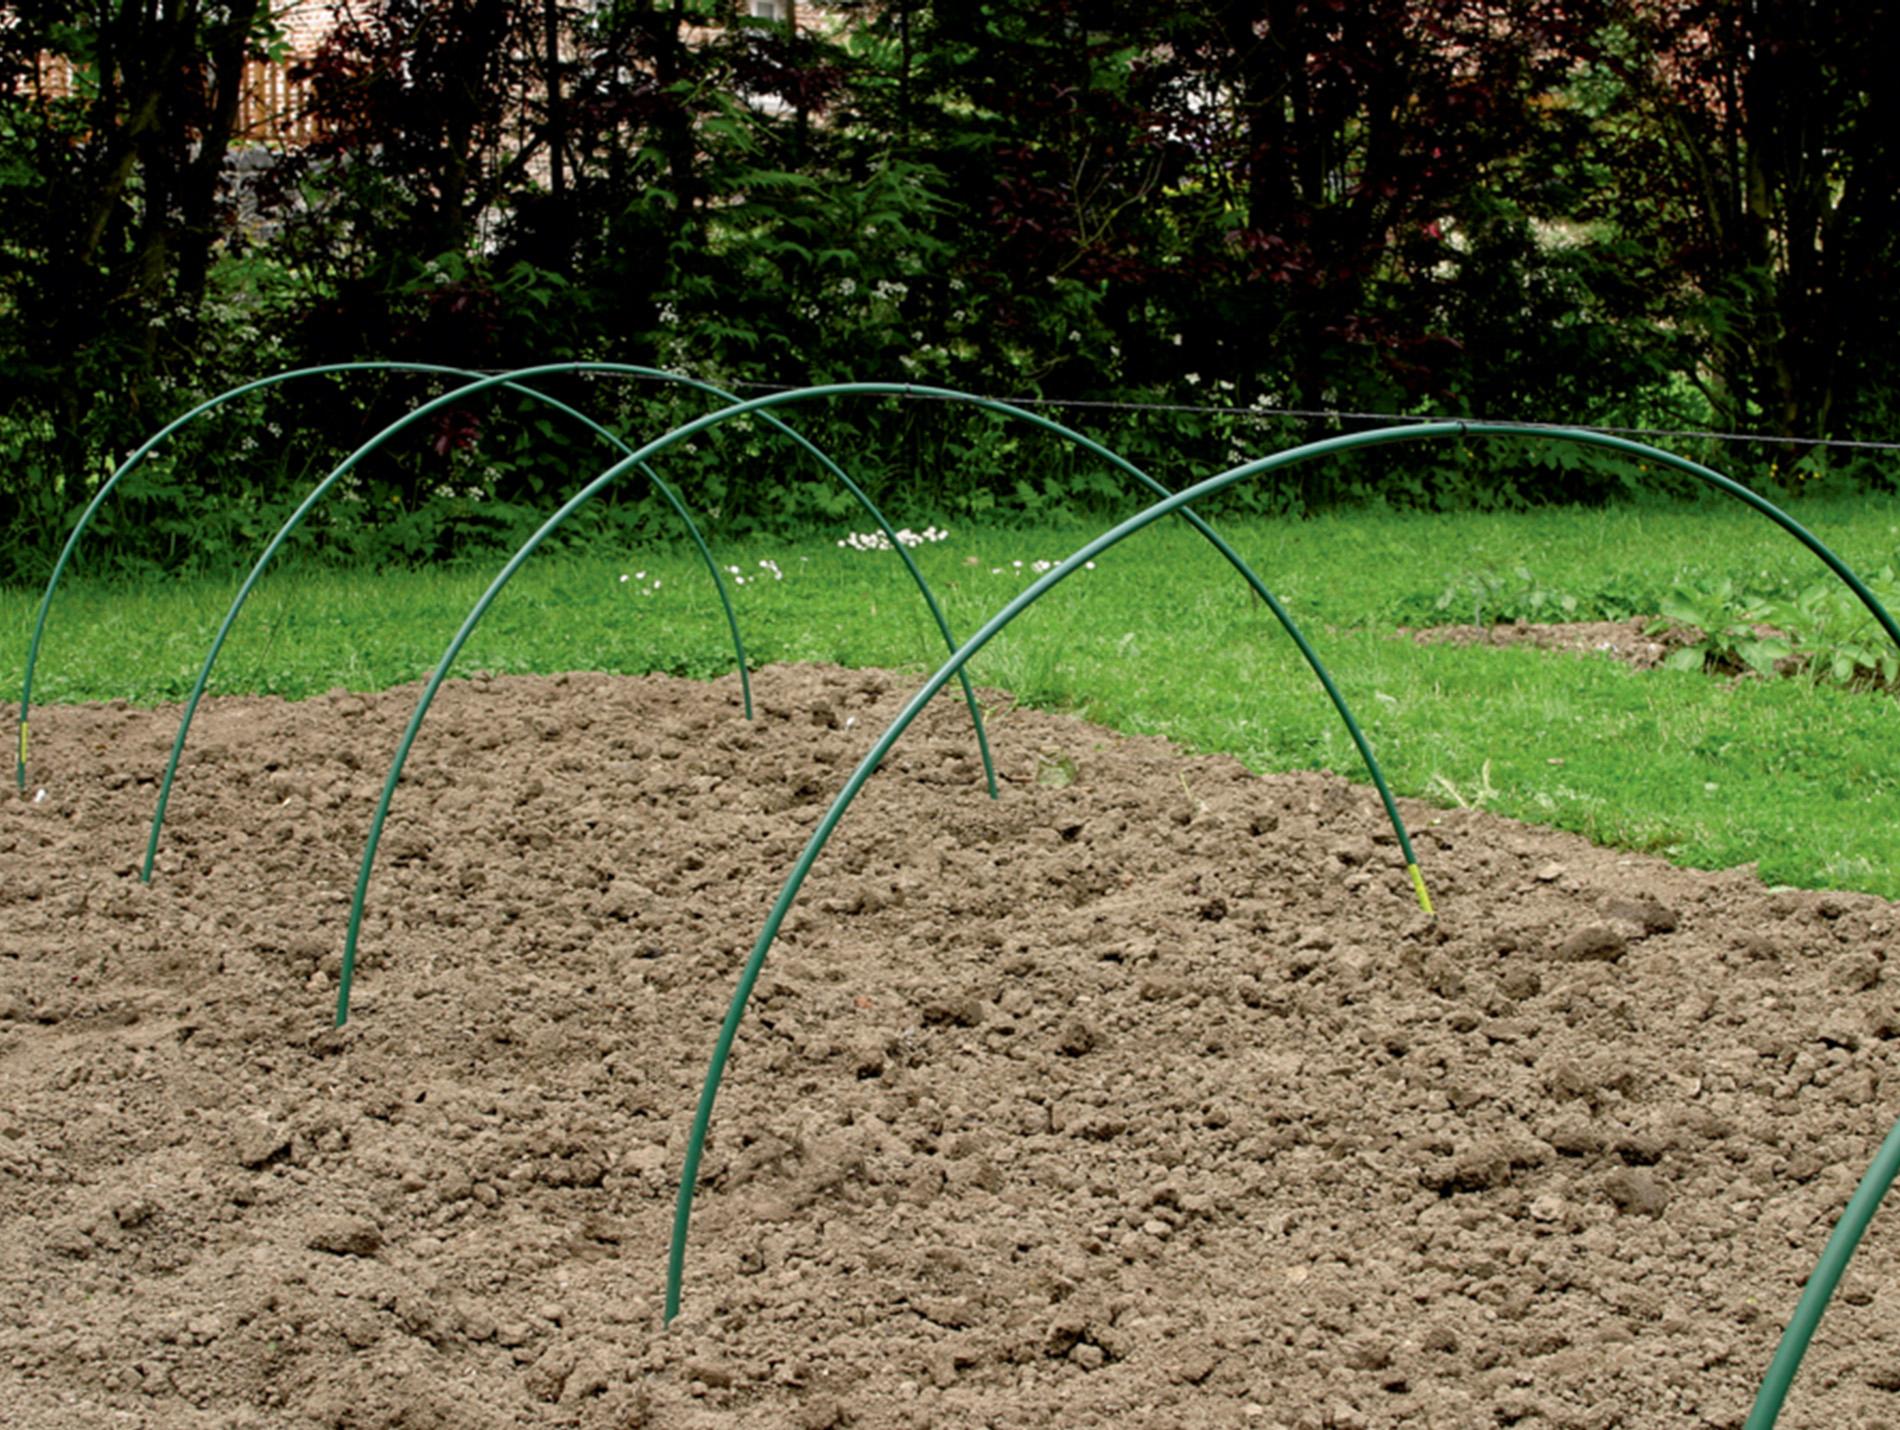 Arceau Pvc Vert 2,50M - Serre De Jardin, Abris De Culture ... avec Arceau De Serre